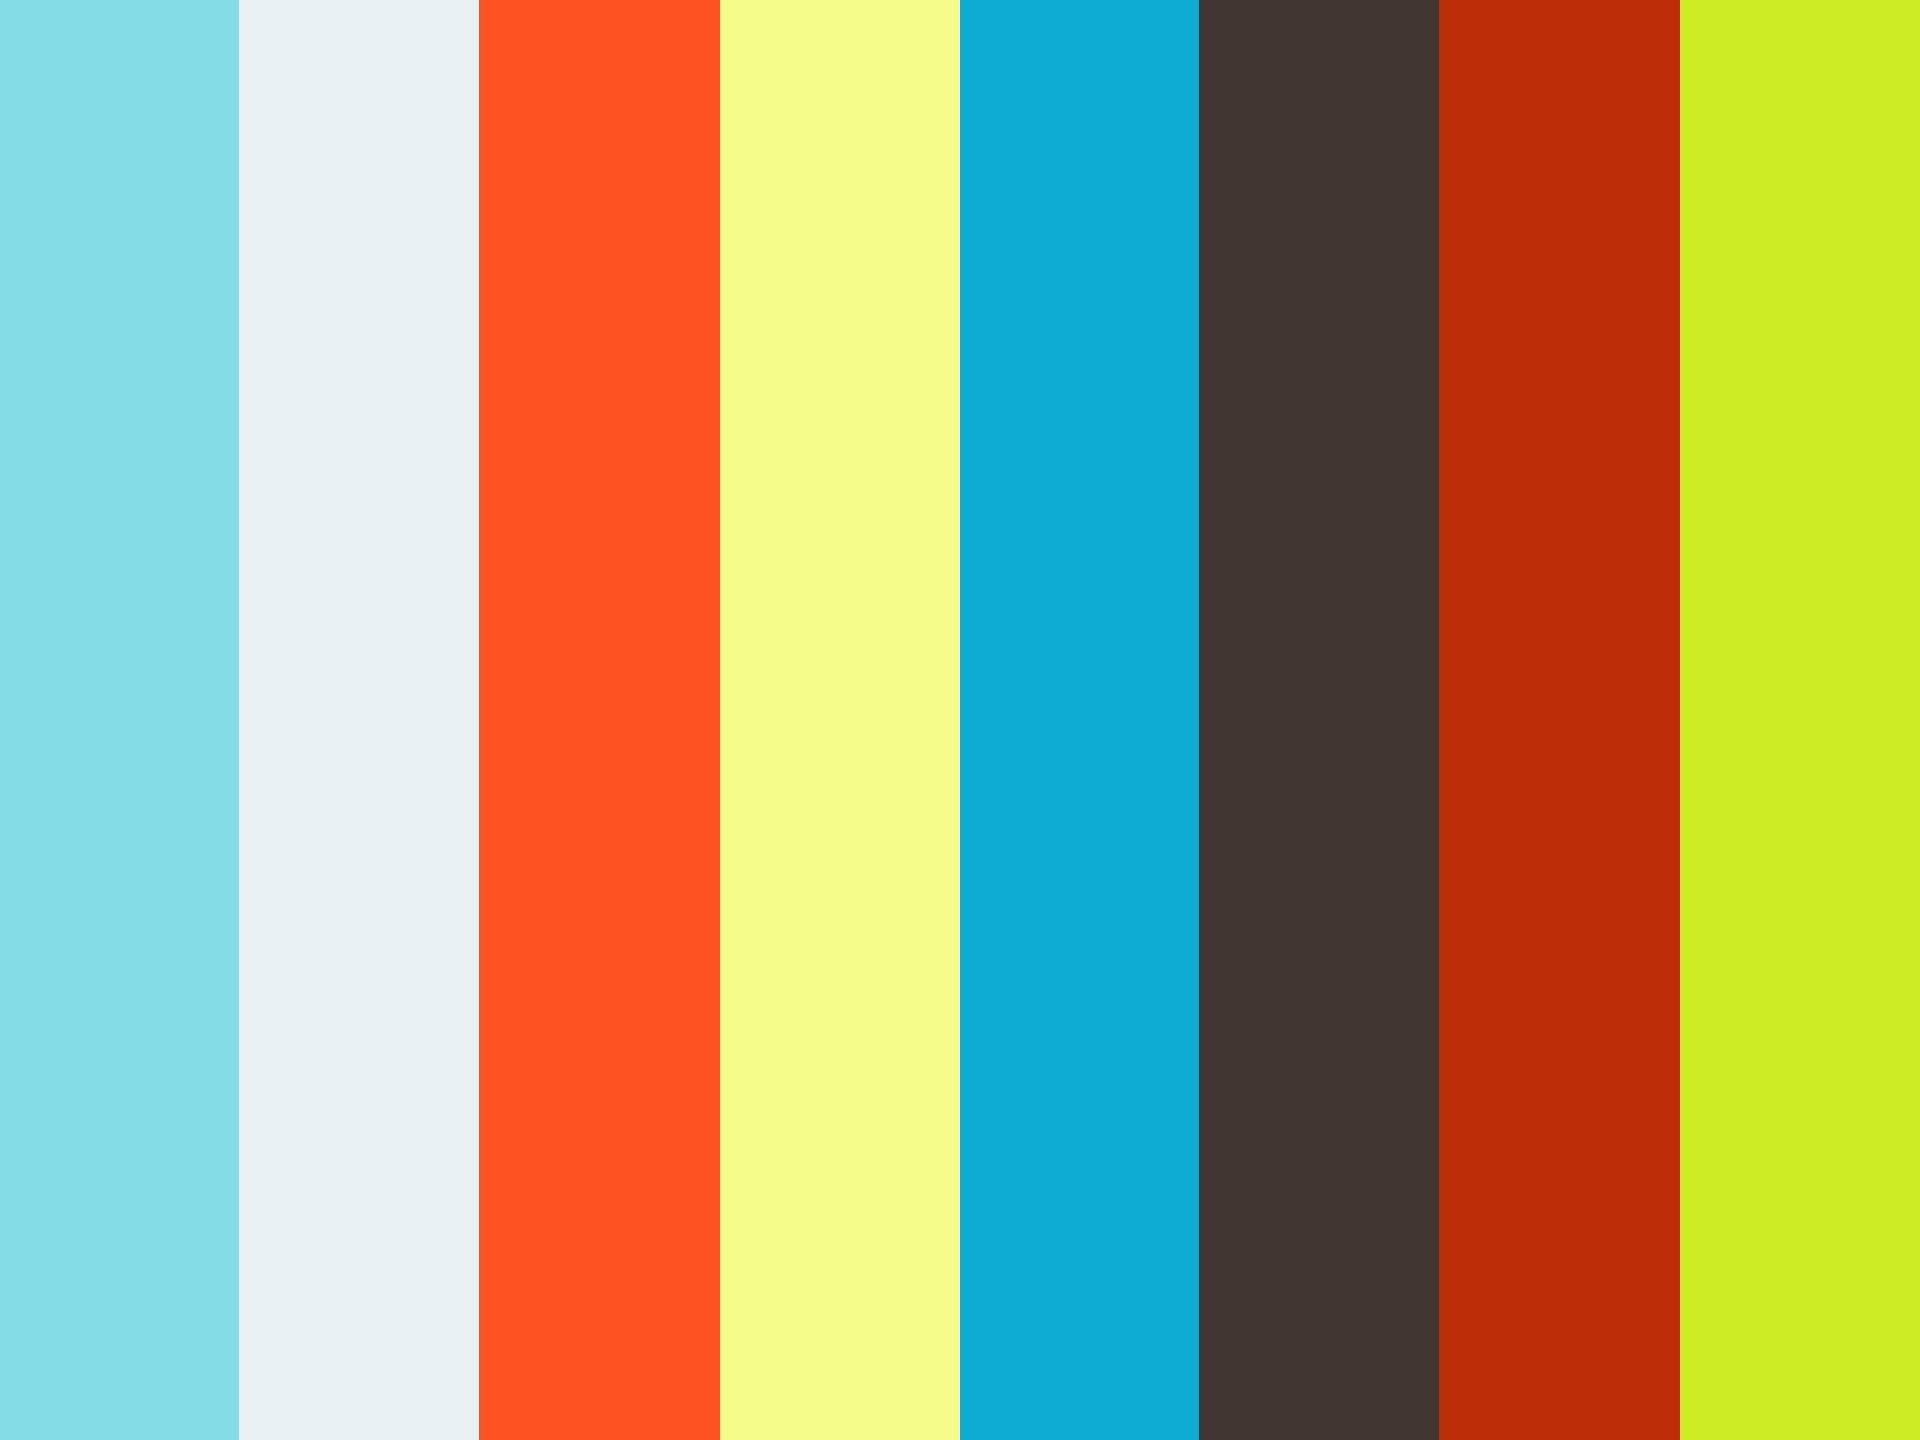 Site De Rencontres Gays à Nancy (54931) – Meurthe-et-Moselle